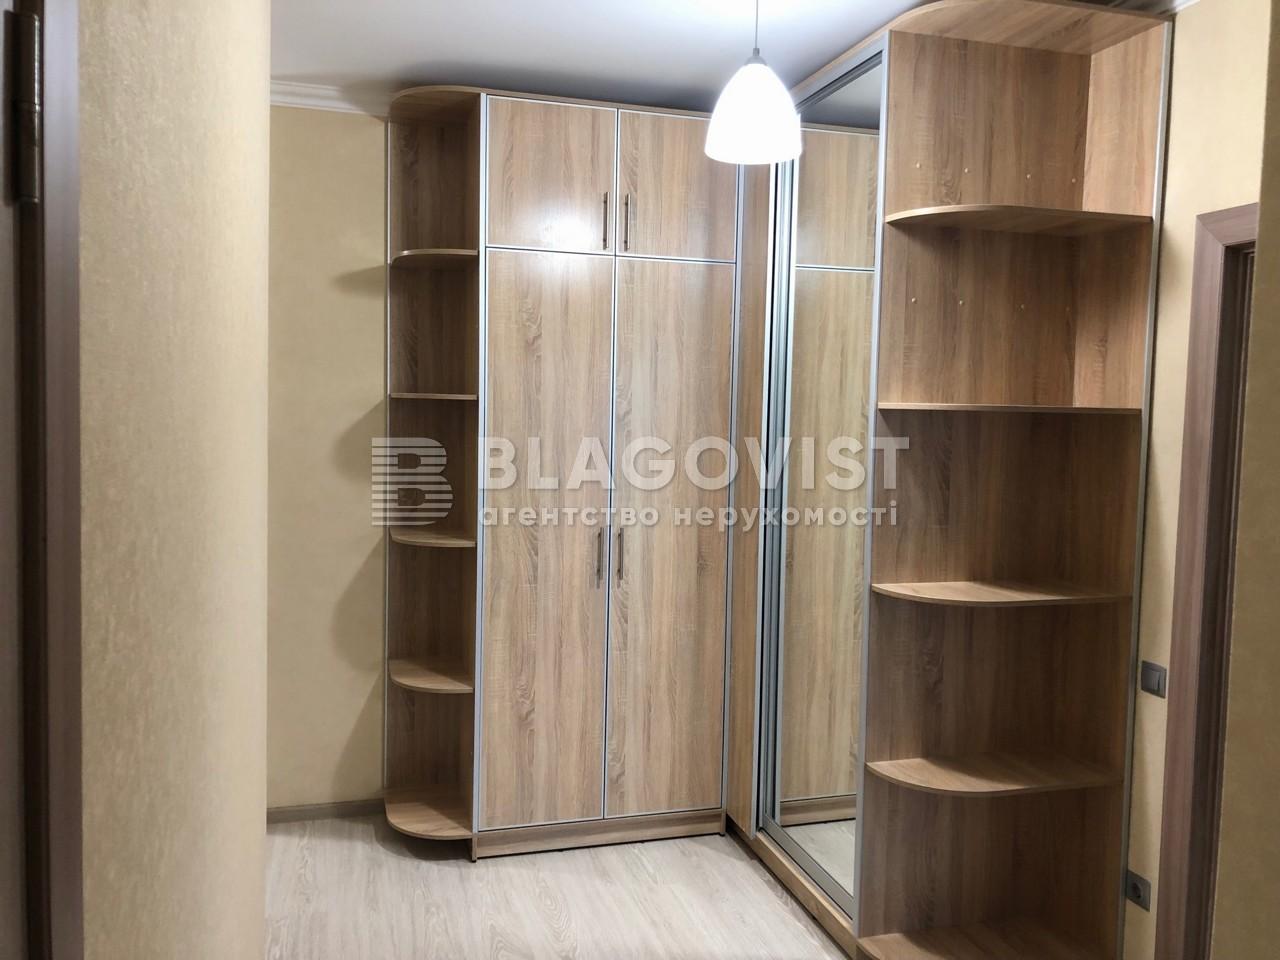 Квартира D-34517, Драгоманова, 4а, Киев - Фото 13